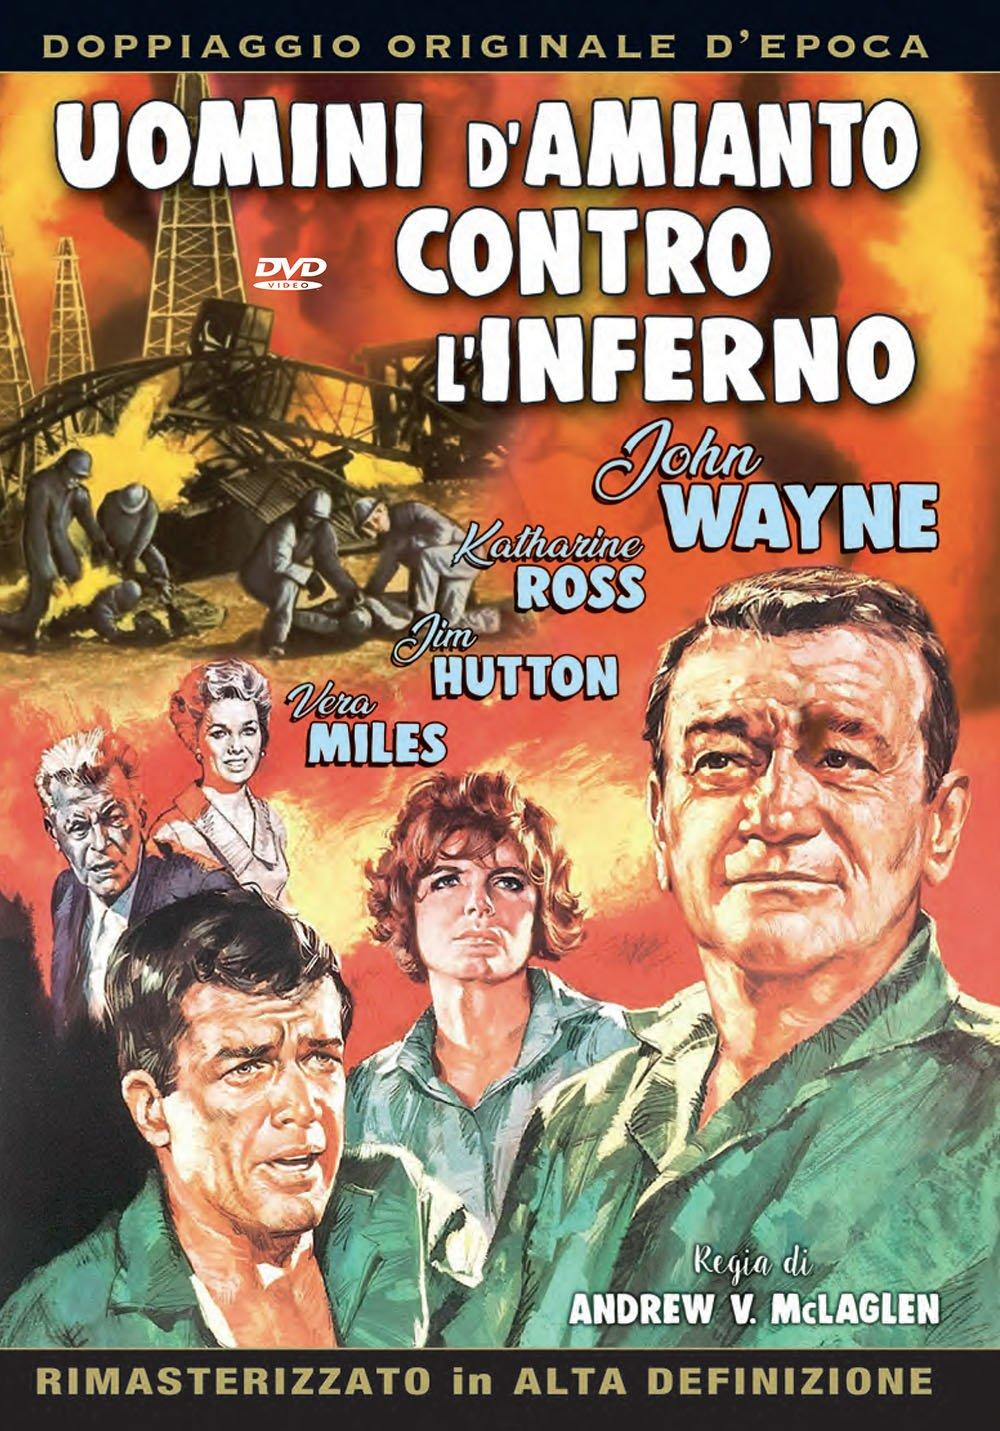 UOMINI D'AMIANTO CONTRO LINFERNO (DVD)